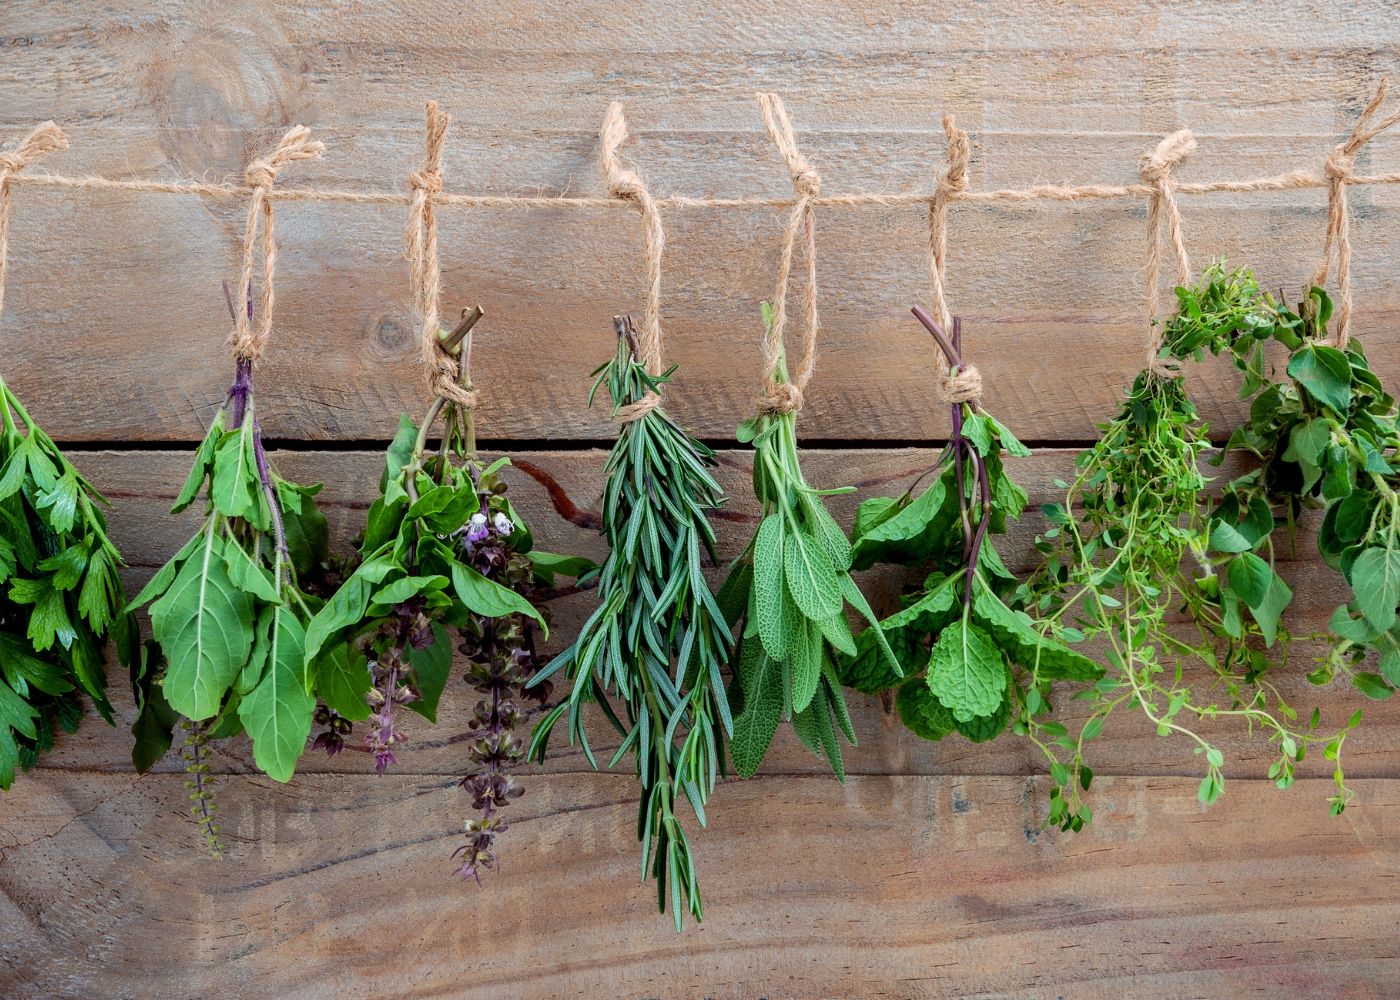 diferentes tipos de ervas aromáticas penduradas numa corda